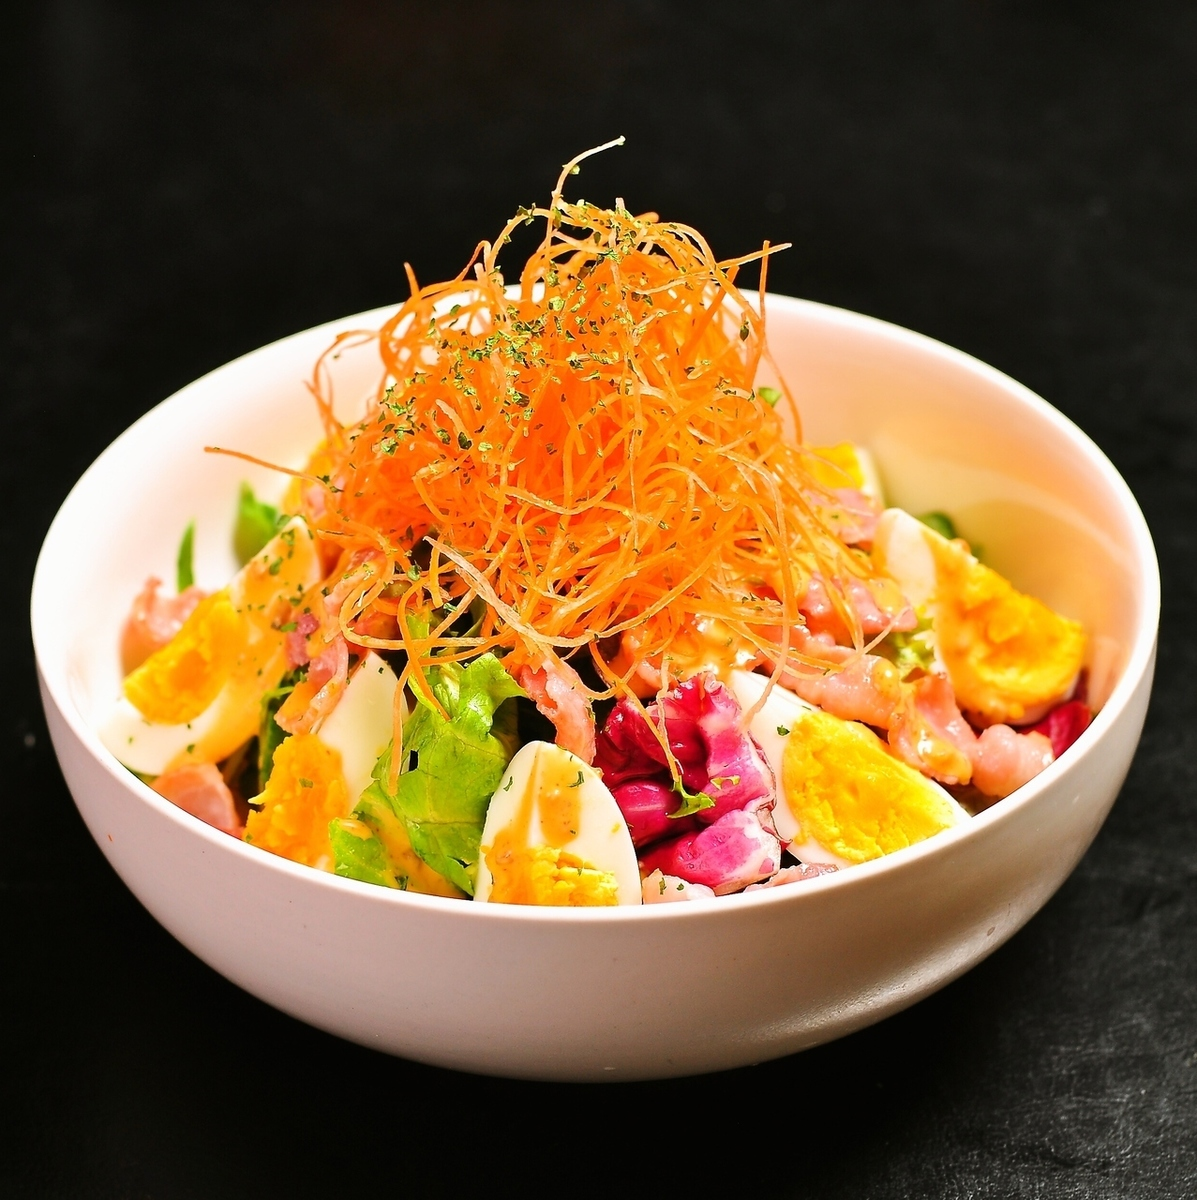 培根和雞蛋煮熟的沙拉/秋田美容沙拉 - 烤芝麻醬〜